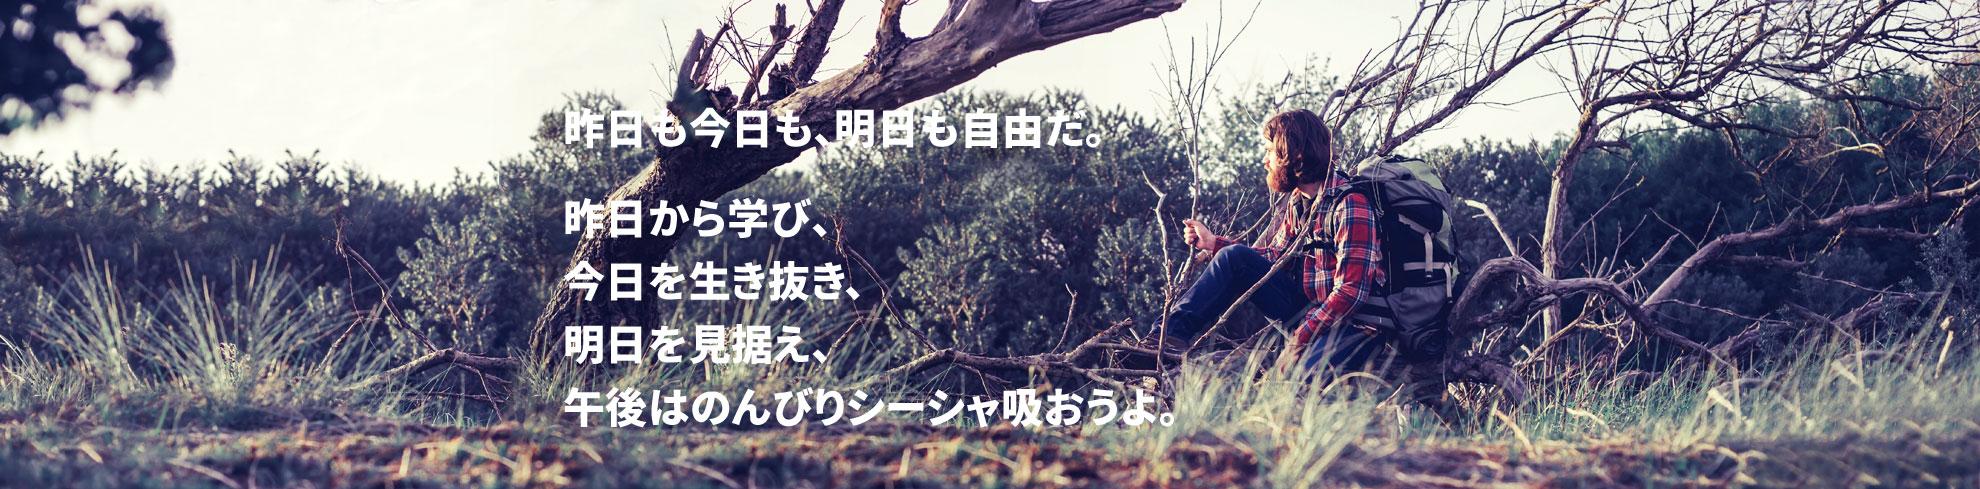 昨日も今日も、明日も自由だ。昨日から学び、今日を生き抜き、明日を見据え、午後はのんびりシーシャ吸おうよ。